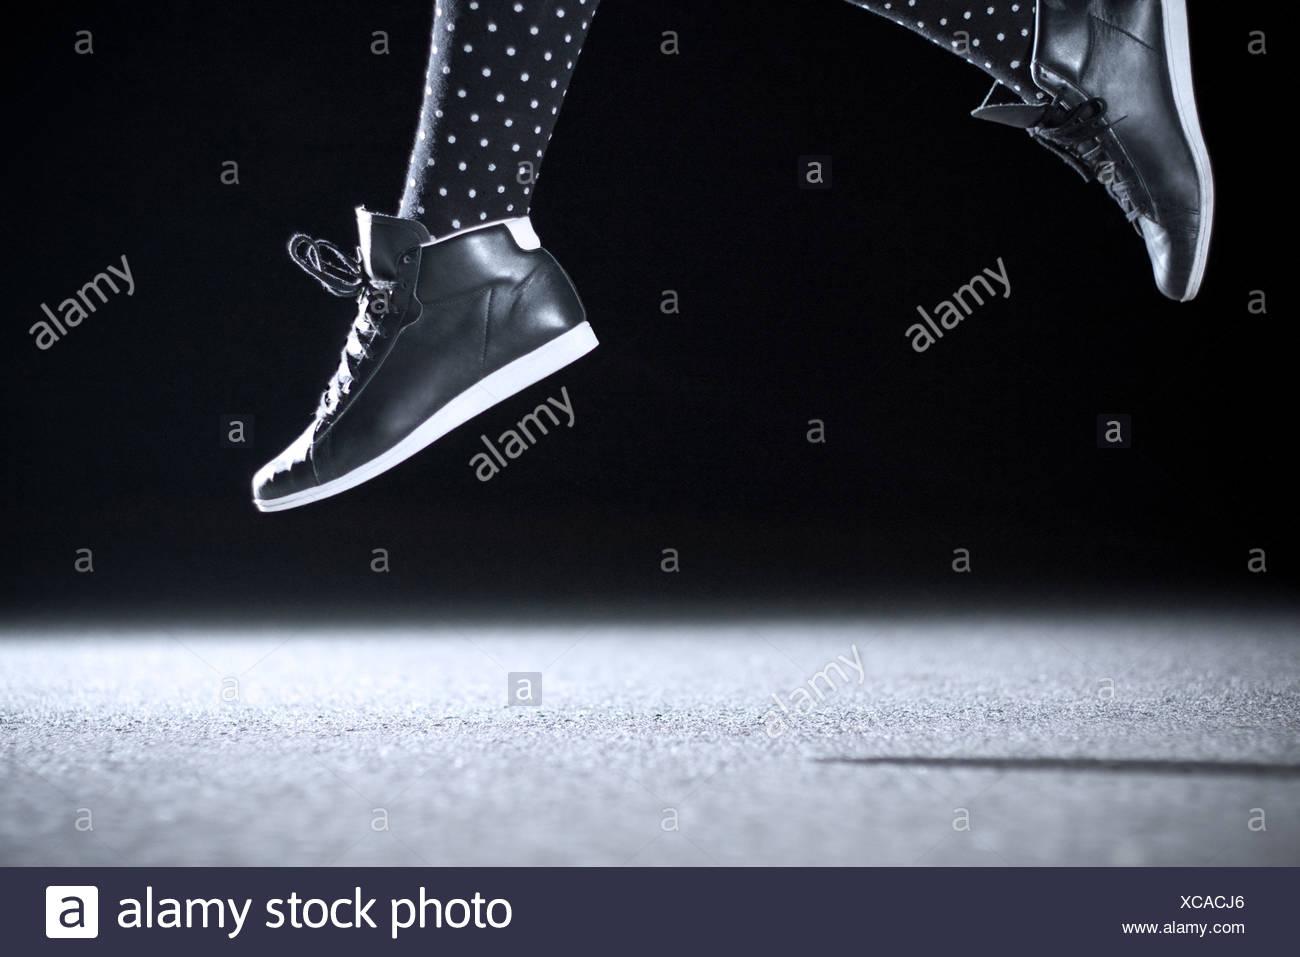 Sprung, Jugendkultur, springen, beschwingt Stockbild